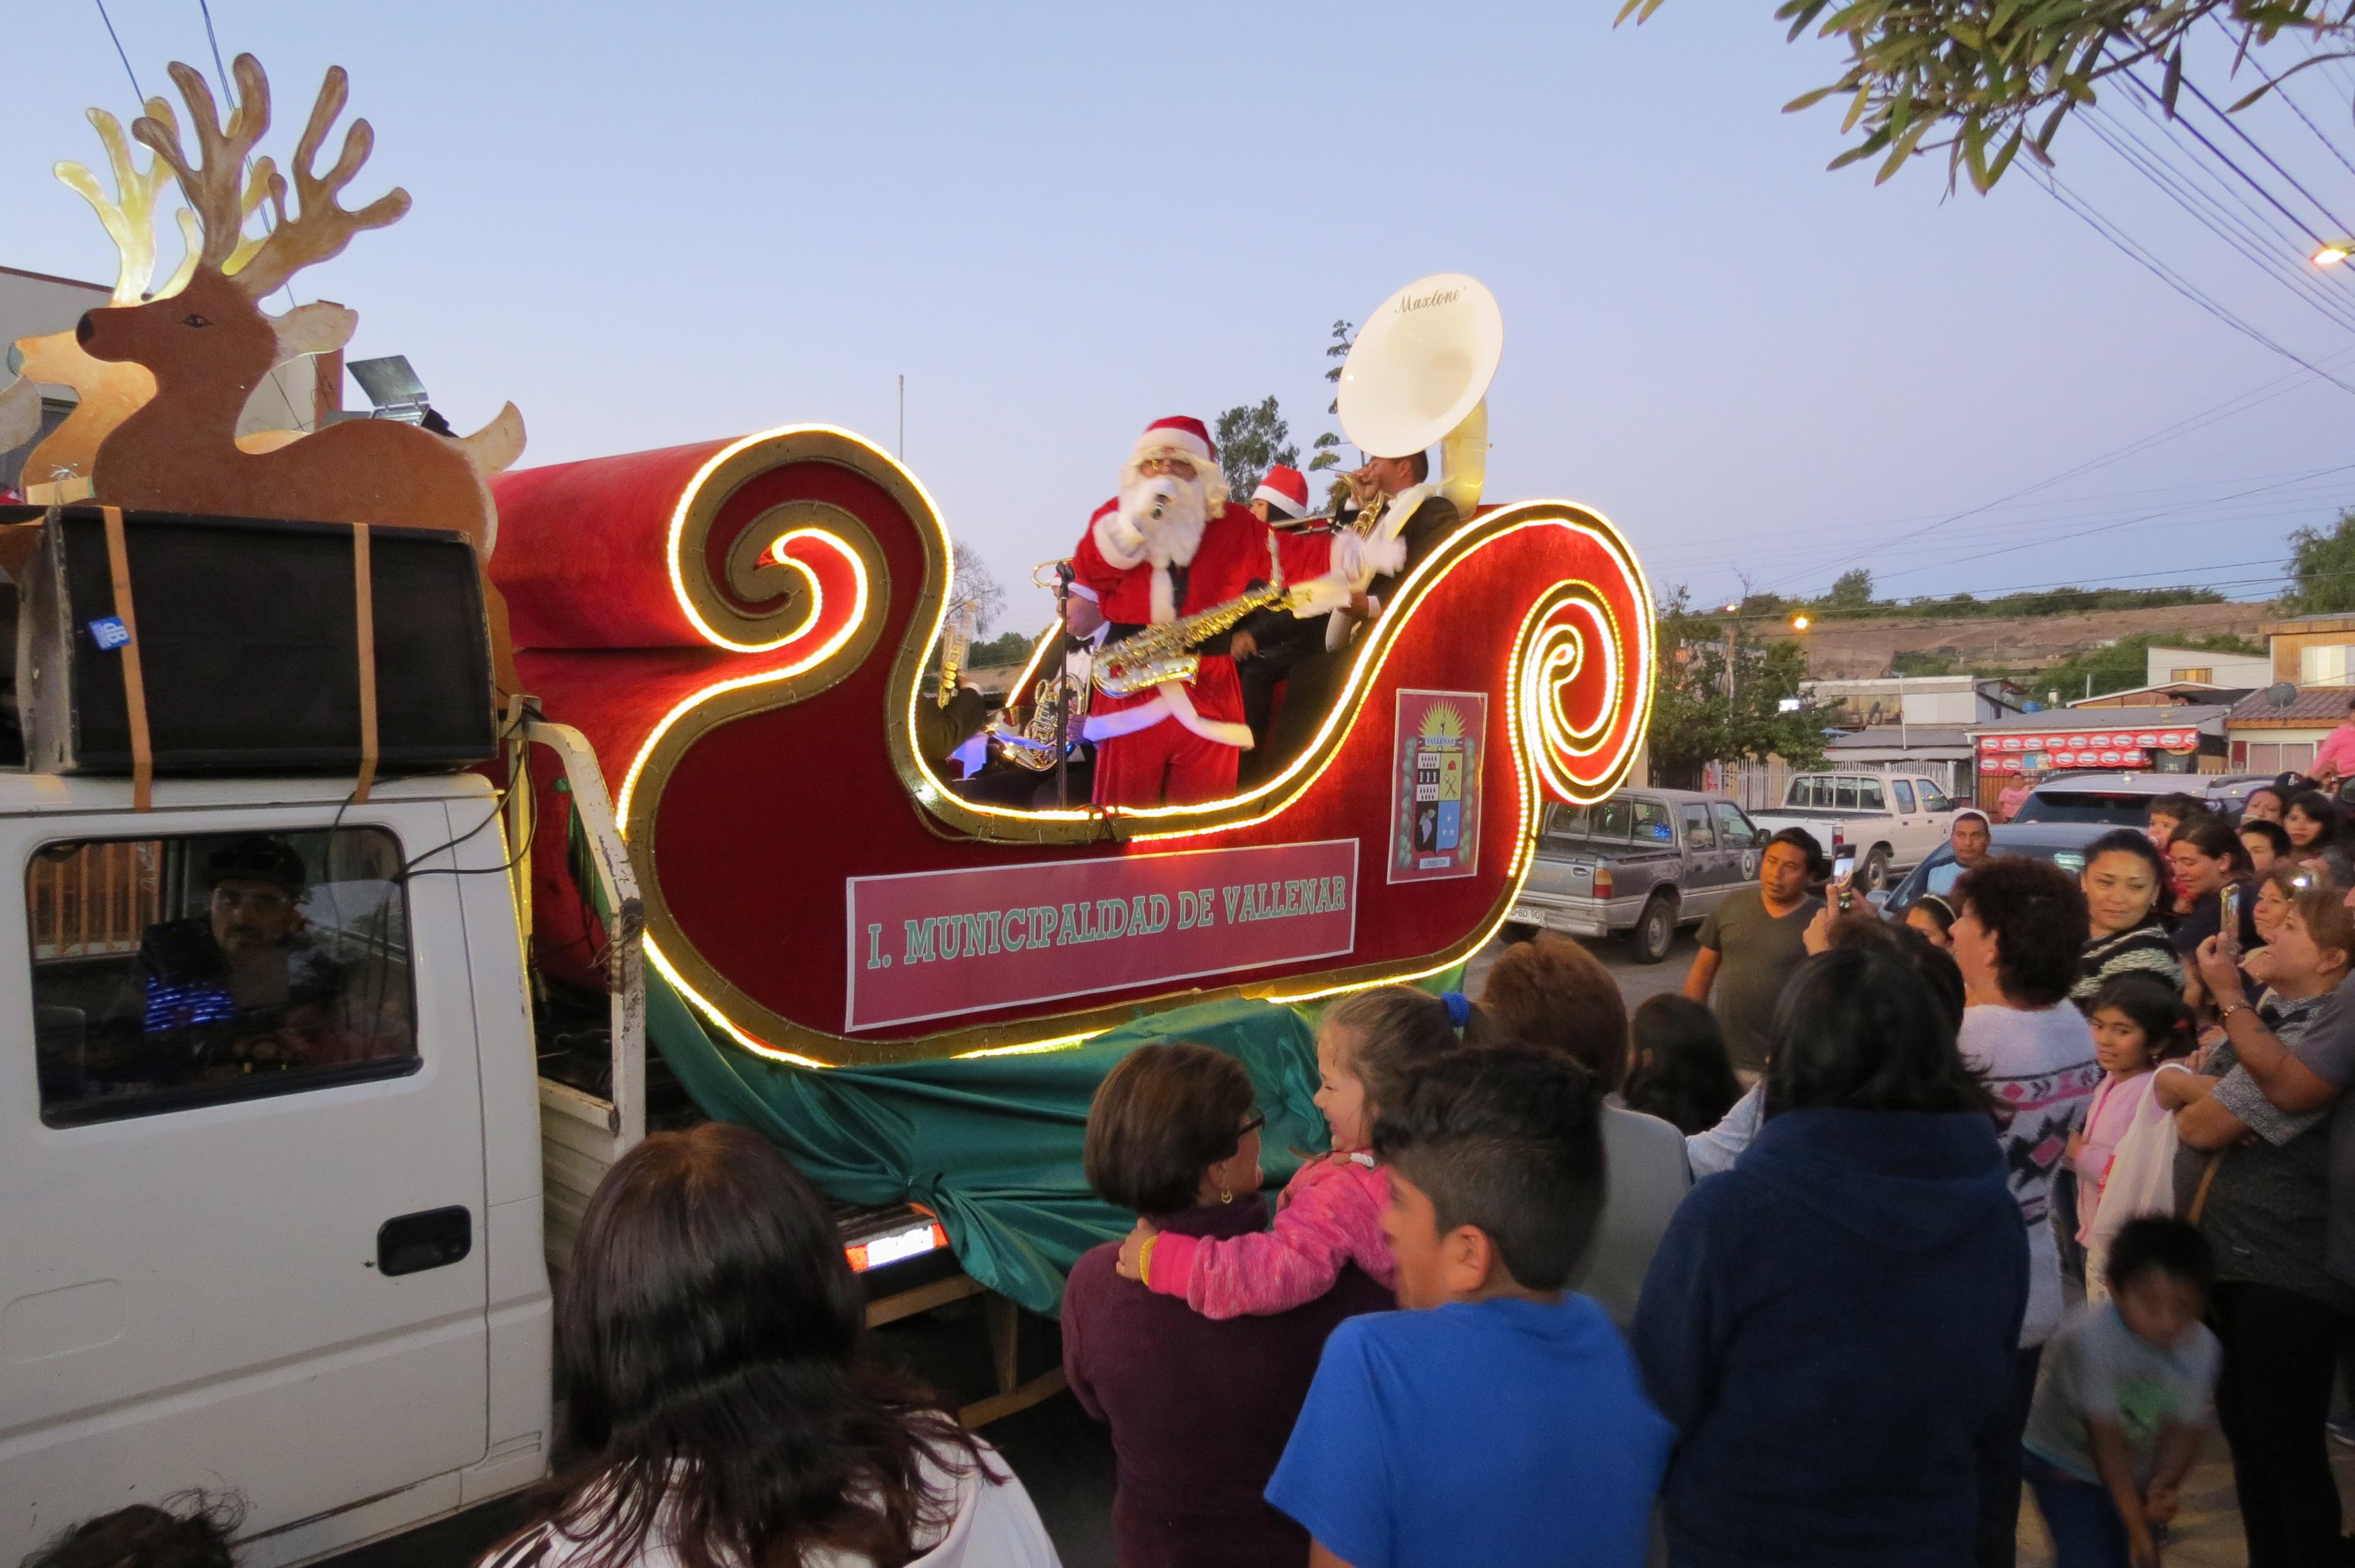 Con encendido de los arboles comienzan las celebraciones de Navidad en Vallenar